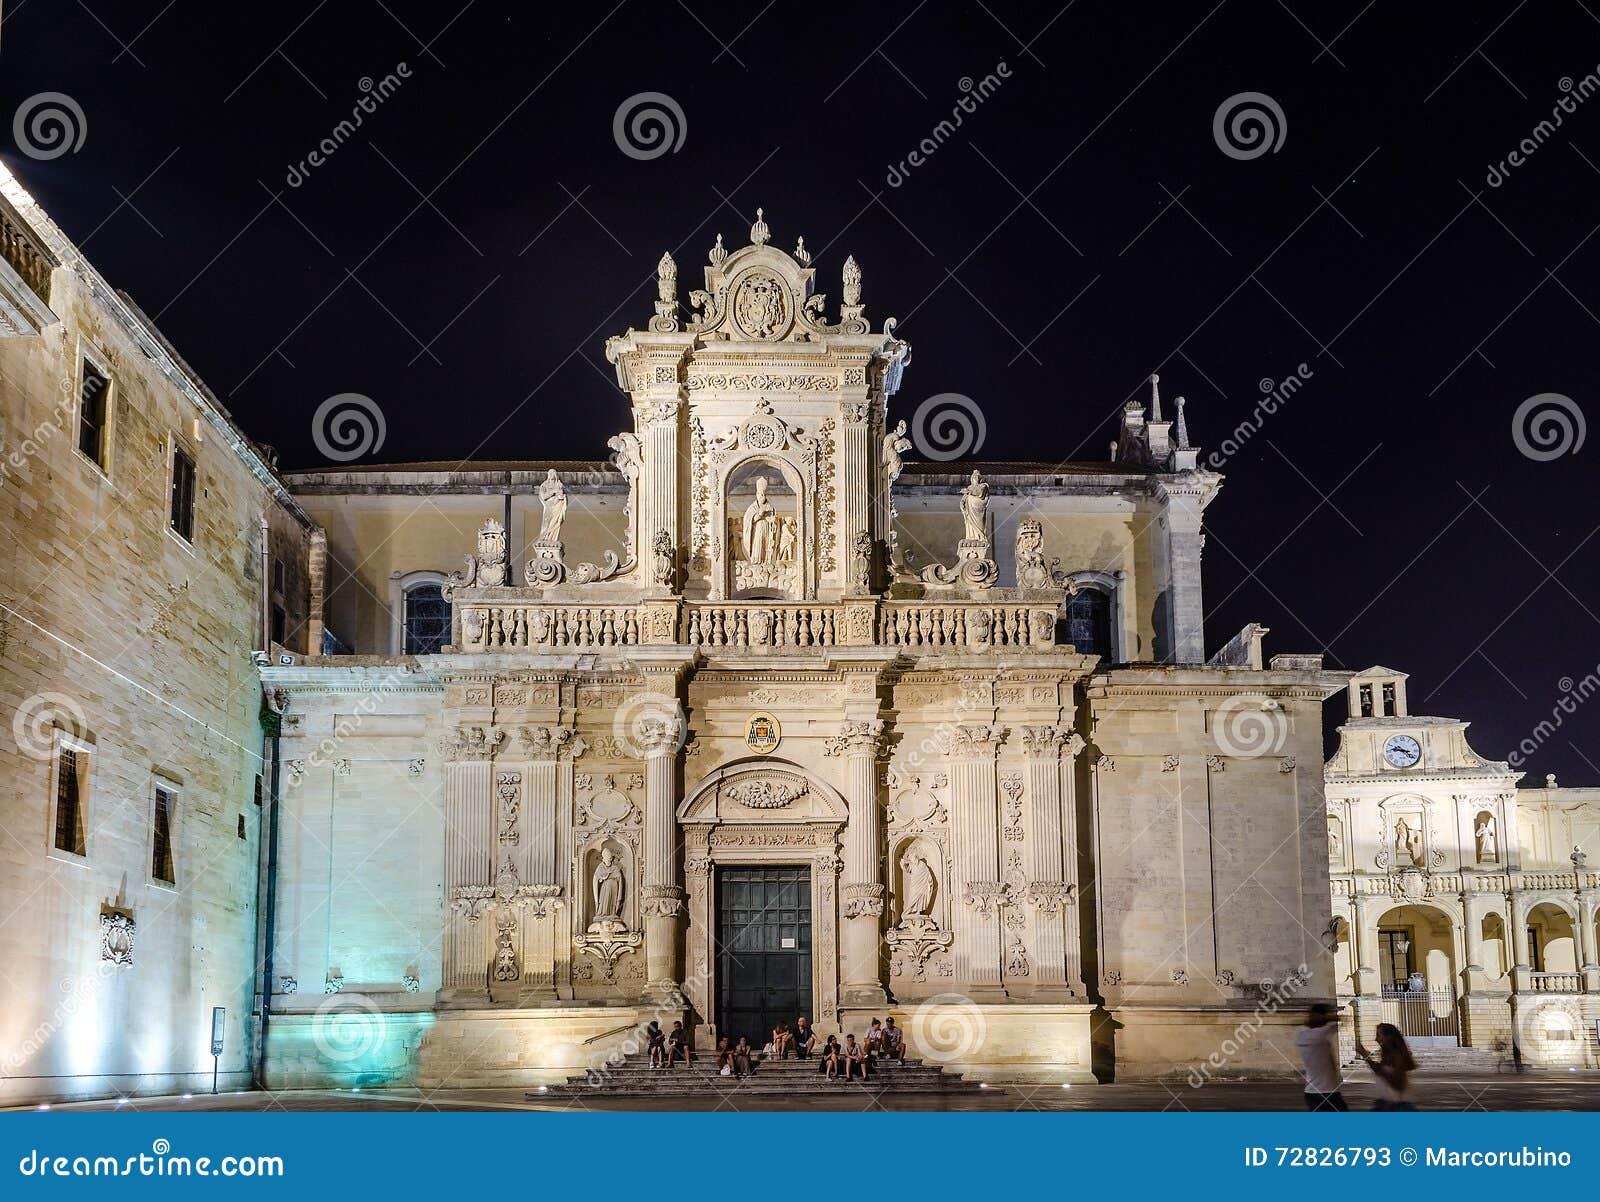 Cath drale de lecce chef d 39 oeuvre d 39 art baroque dans salento italie image stock image du - Chef d oeuvre ...